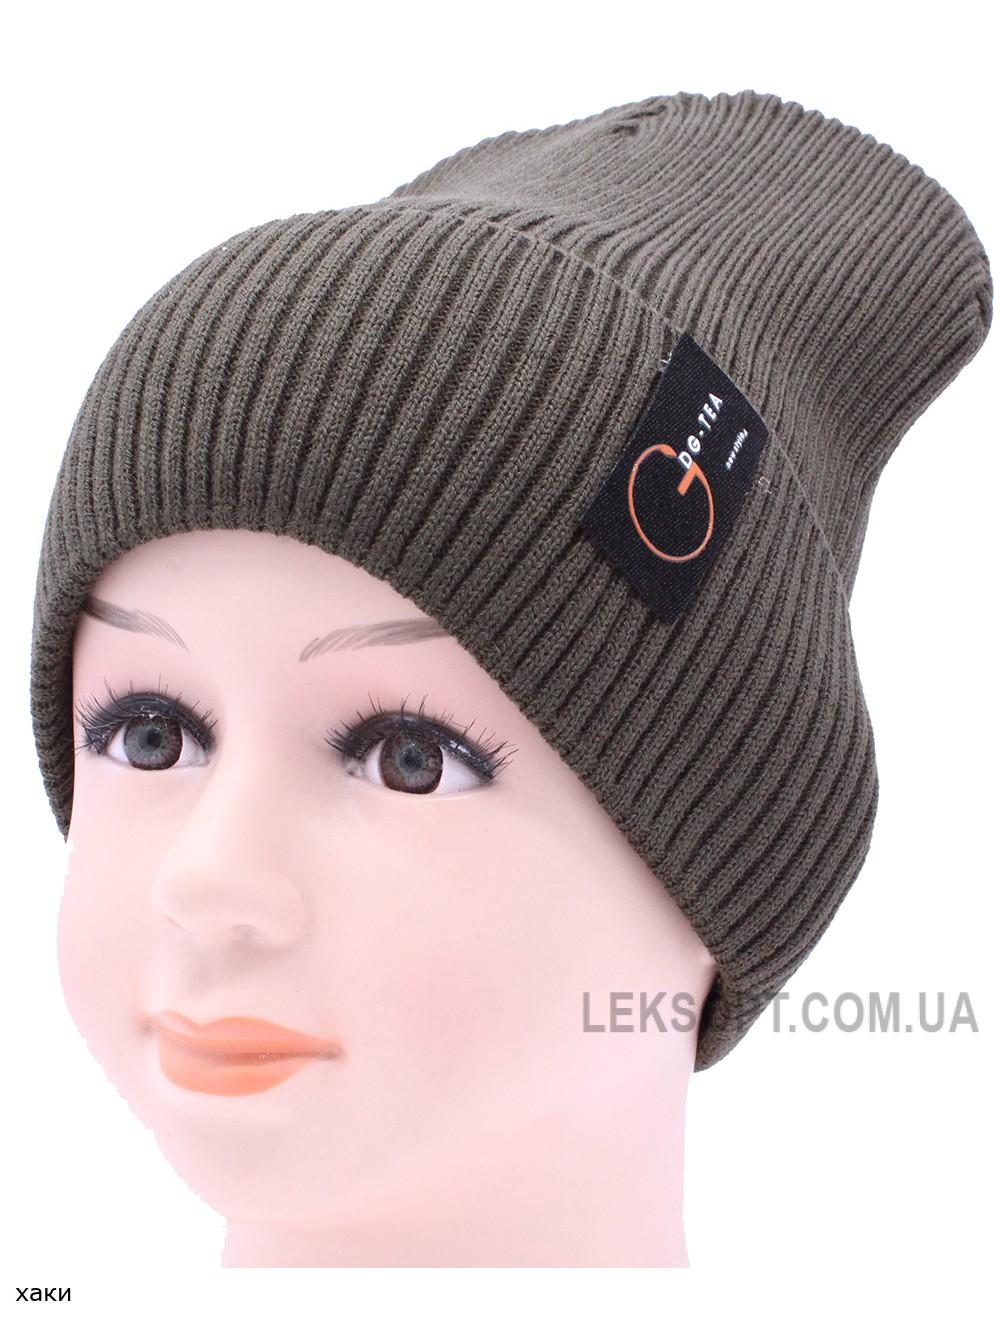 Детская вязаная шапка №024185-54-56